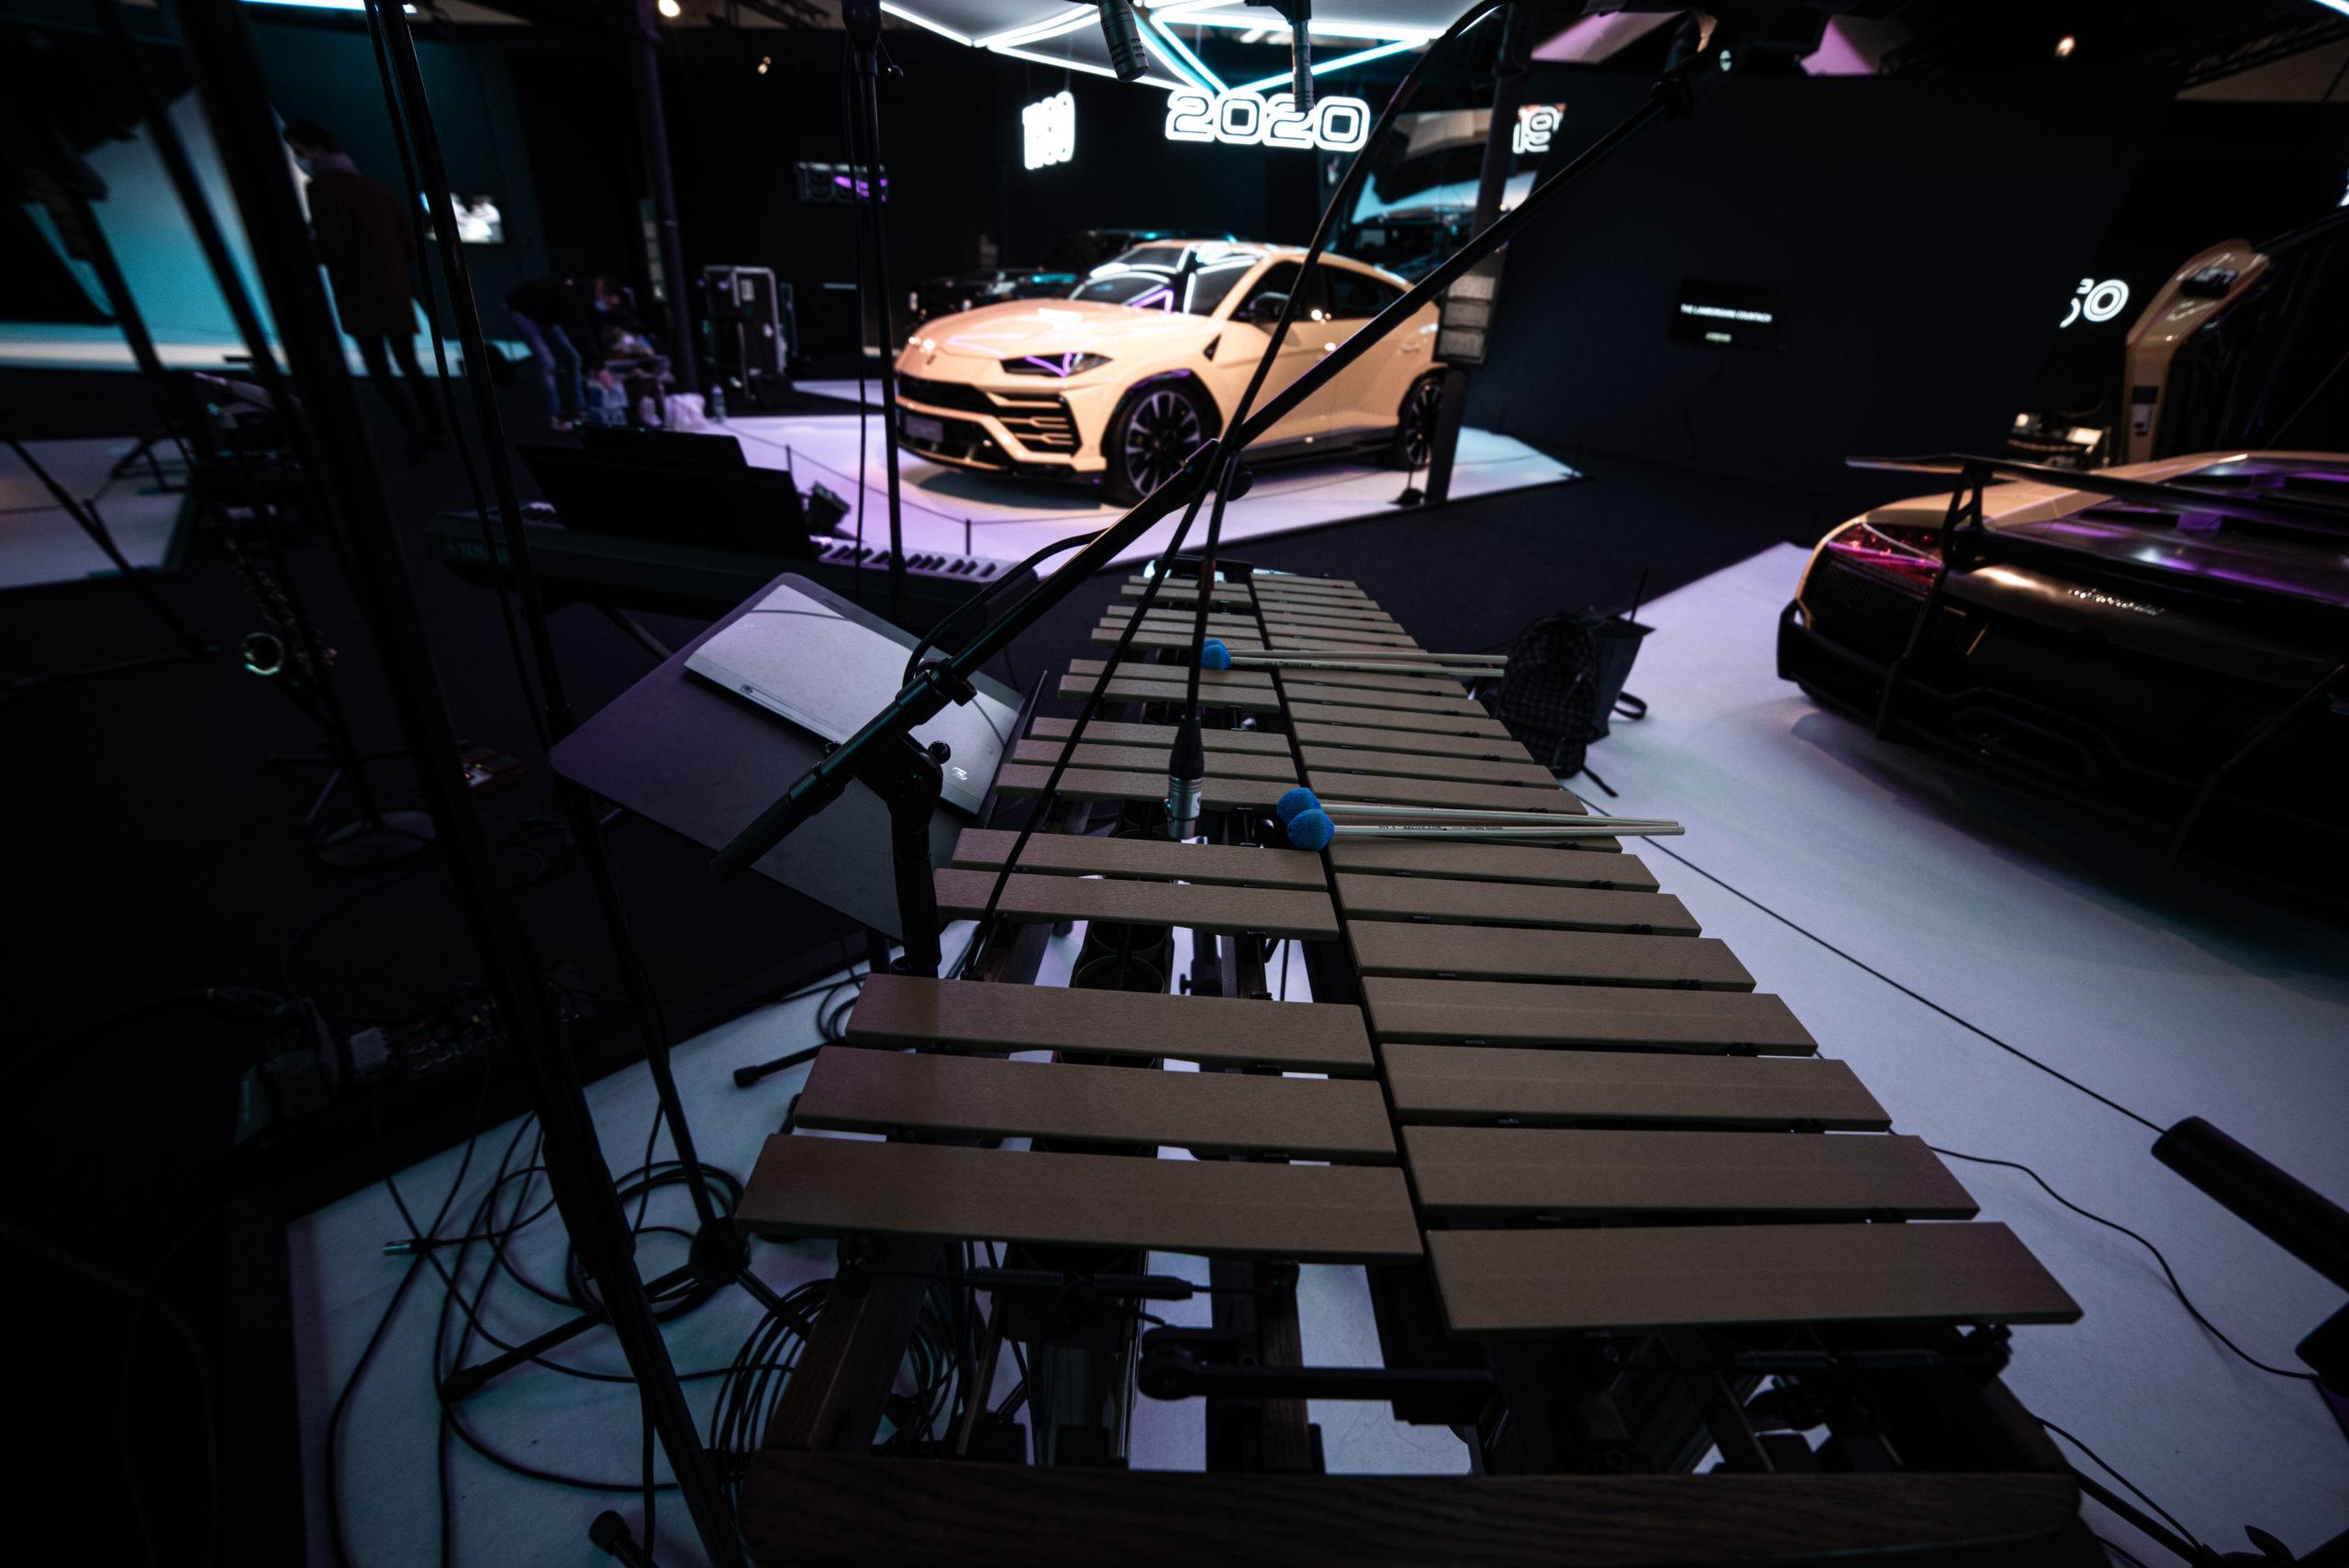 On continue le voyage musical avec le groupe Duosmose à bord d'une Bugatti